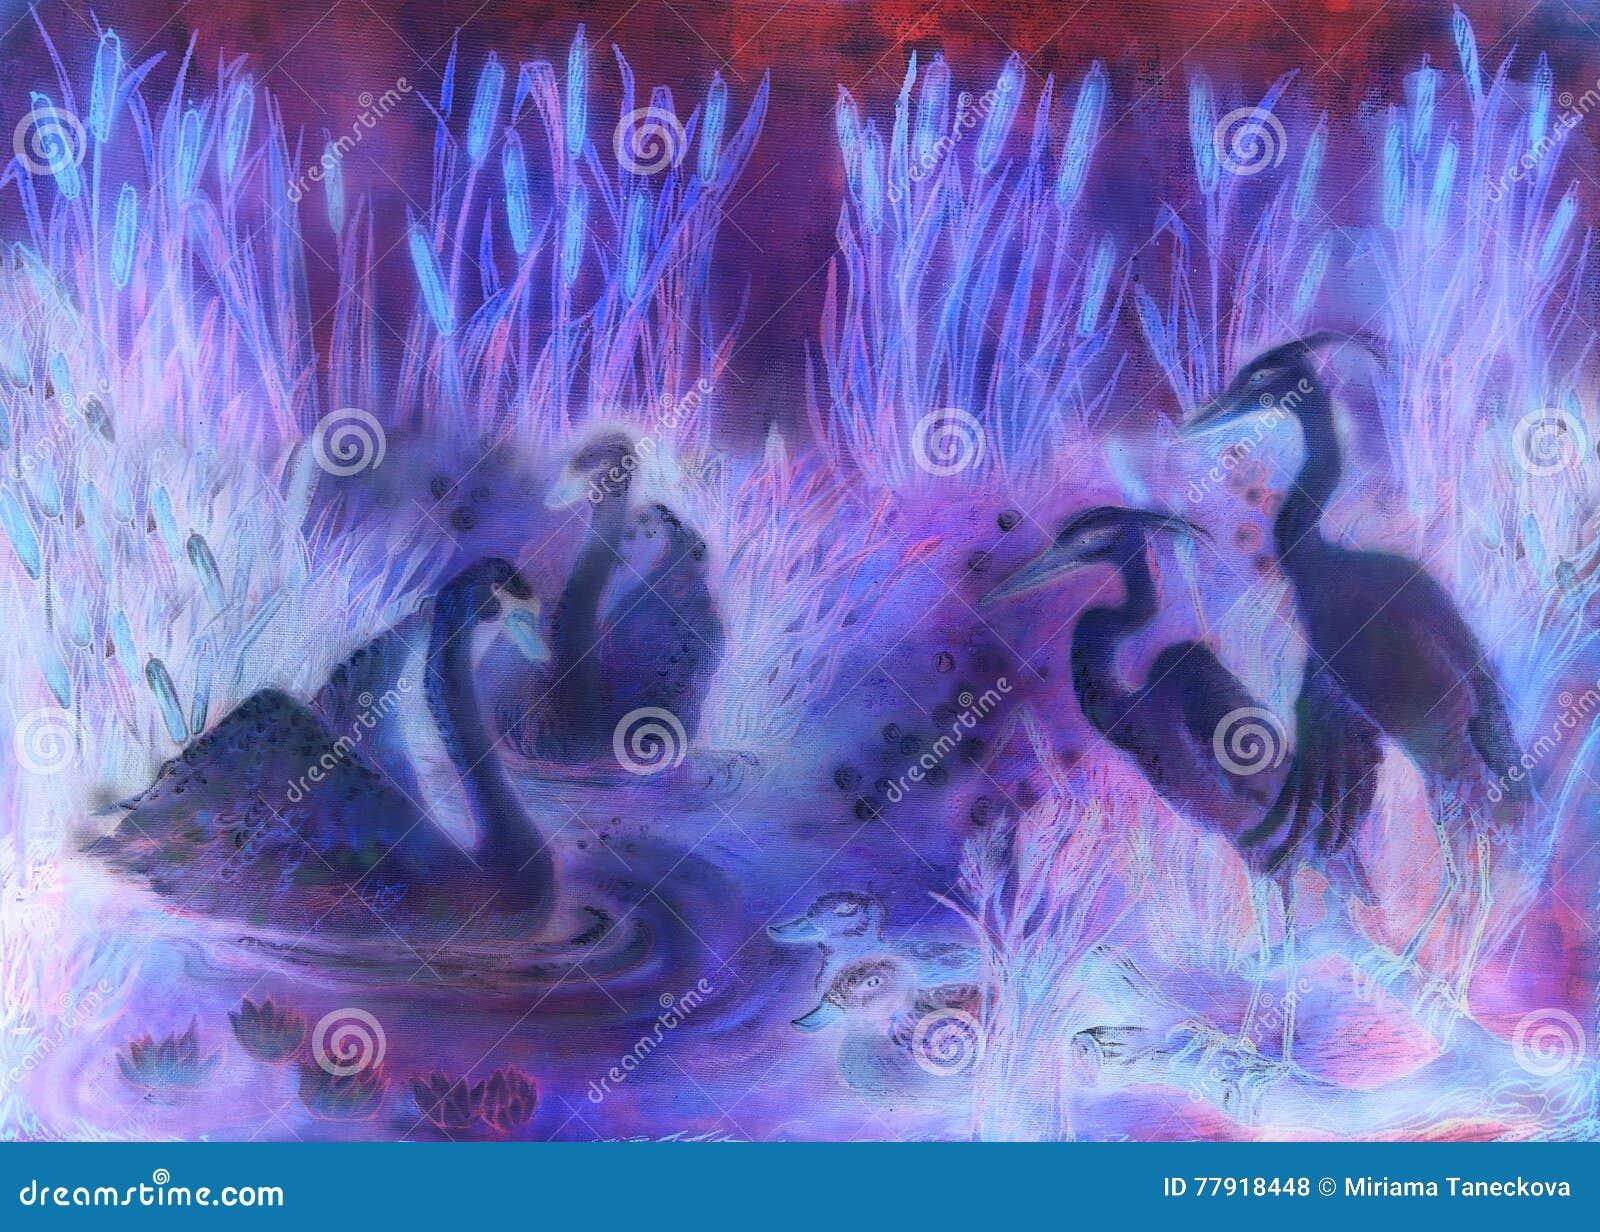 Ilustração decorativa em tons da violeta e do lila dos pássaros que nadam na lagoa com juncos